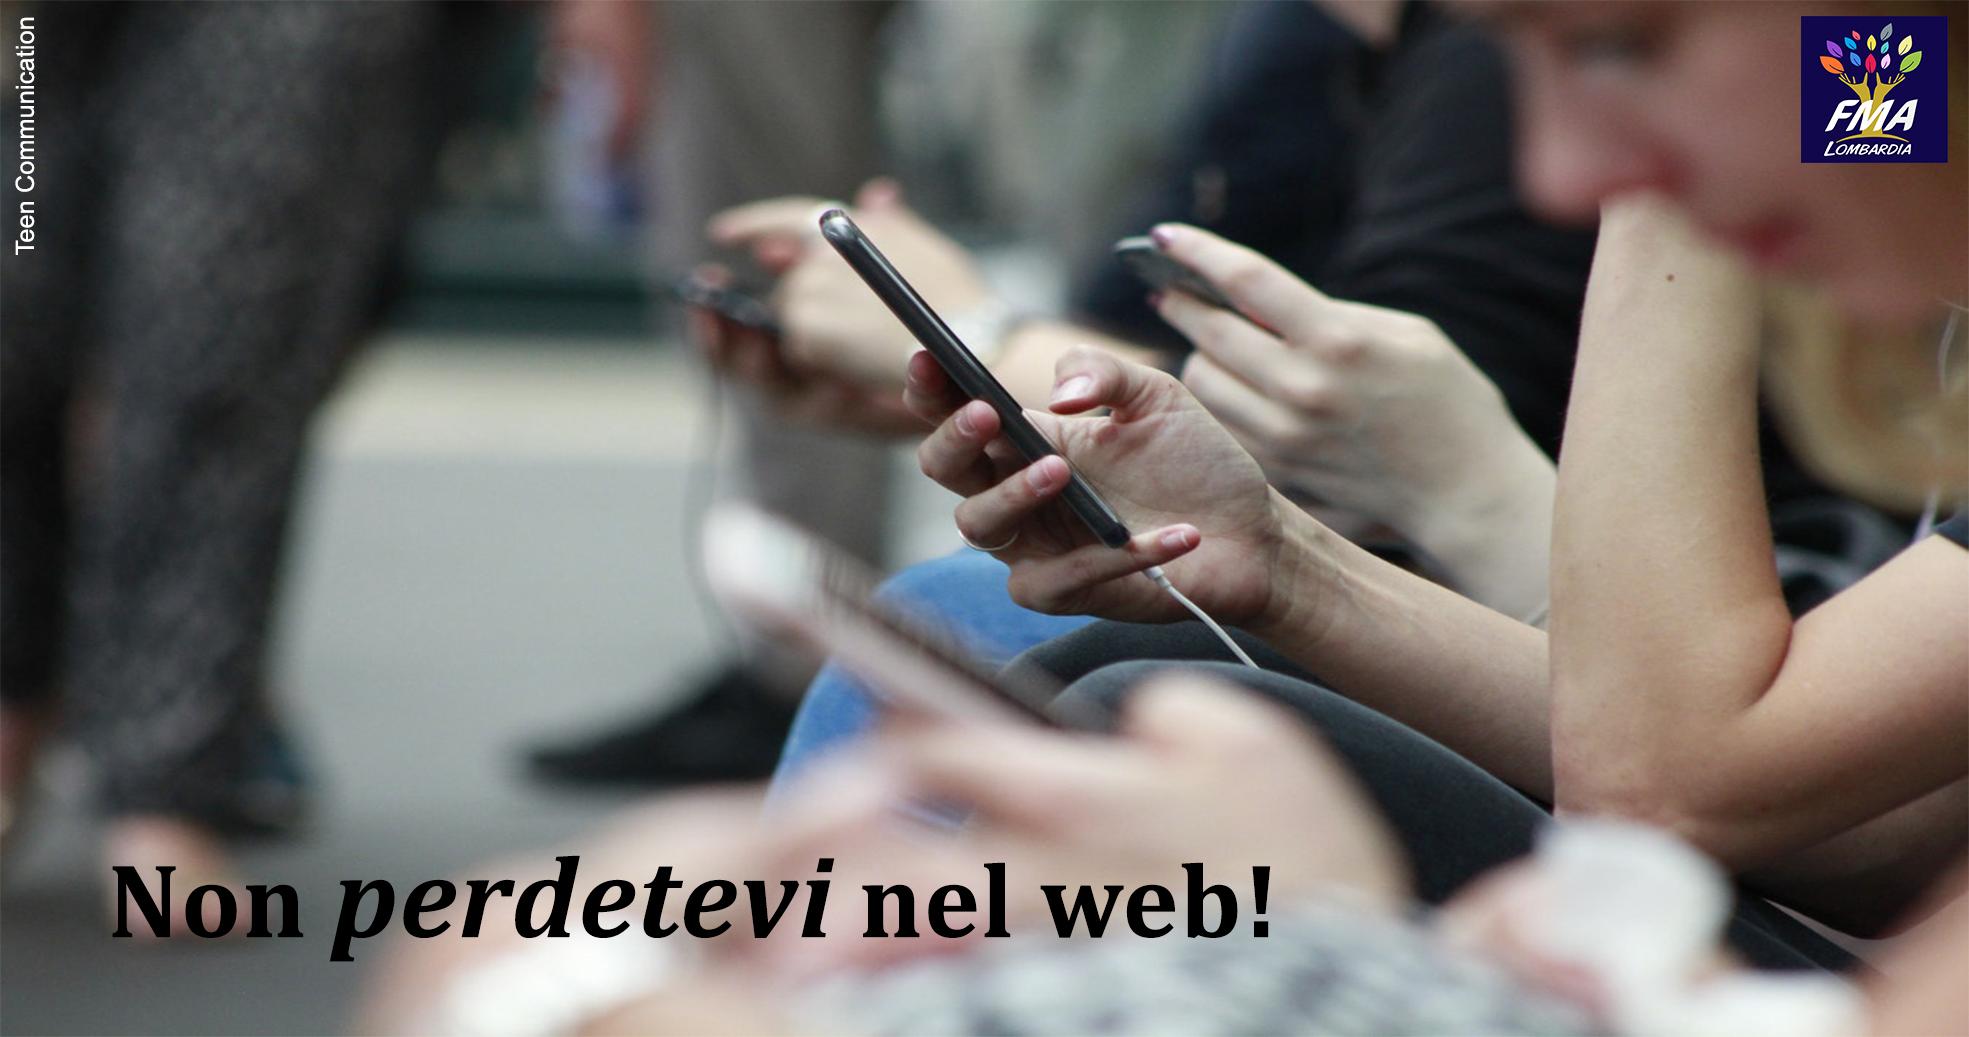 Per non perdersi nel web